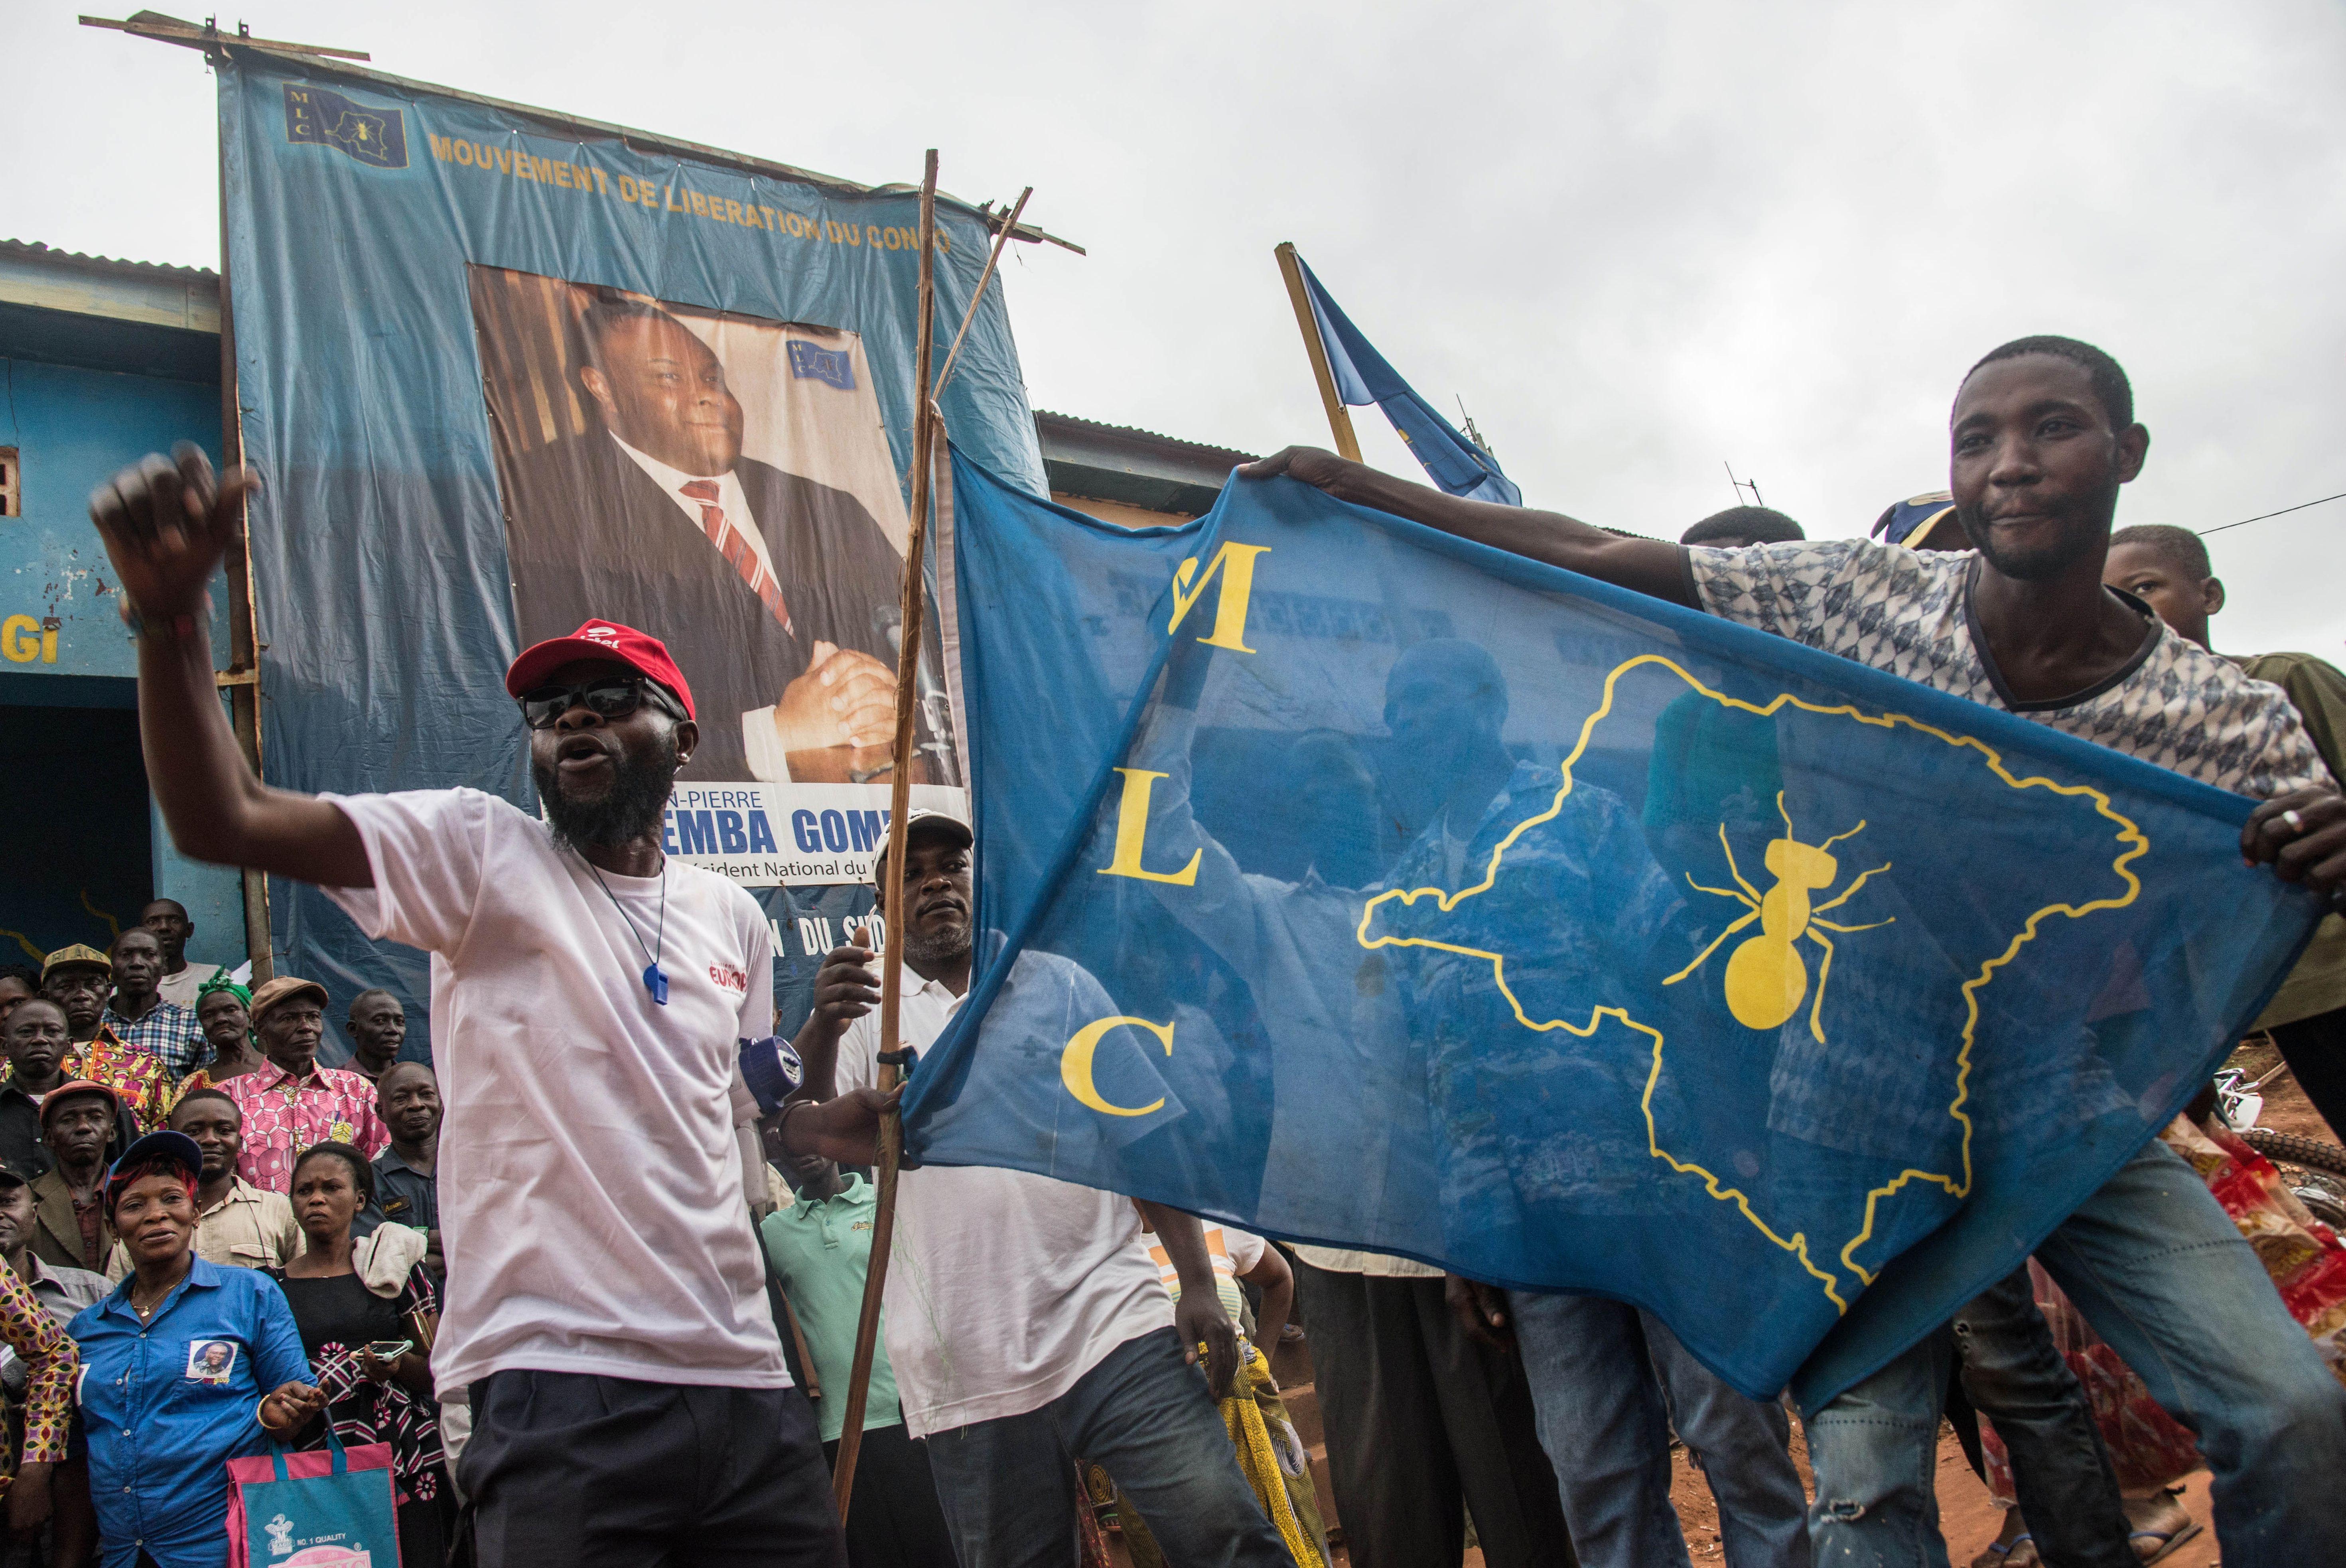 Political protest in the Democratic Republic of Congo